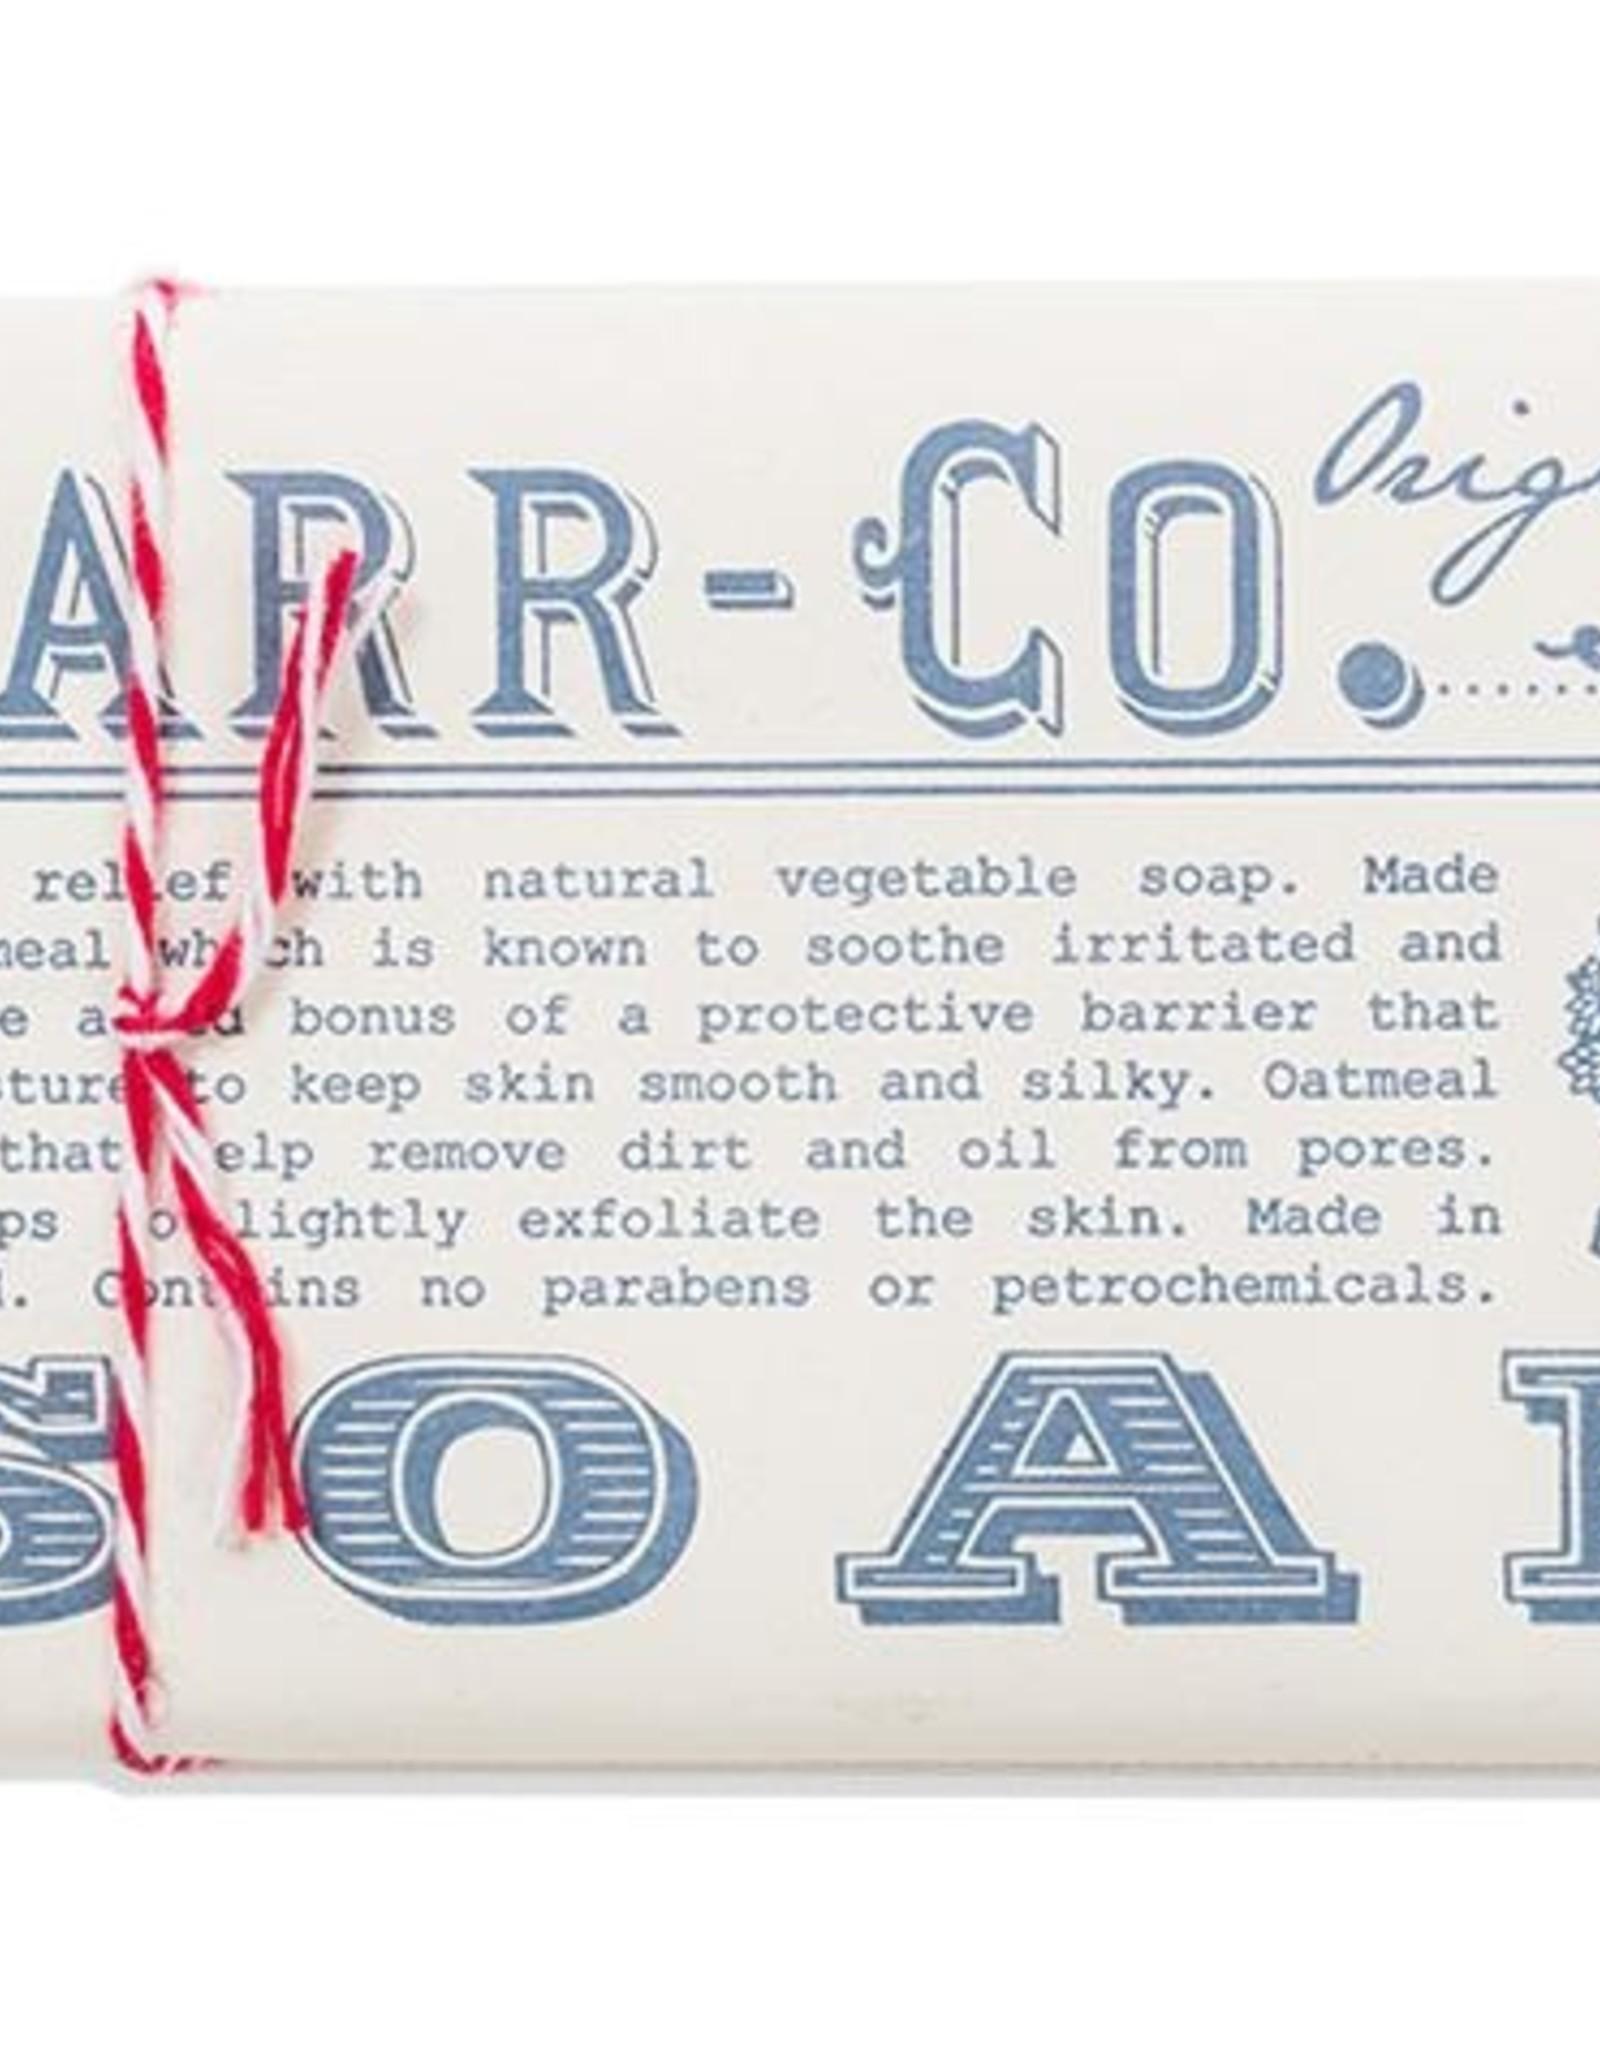 Bco Bar Soap Original scent 6 Oz